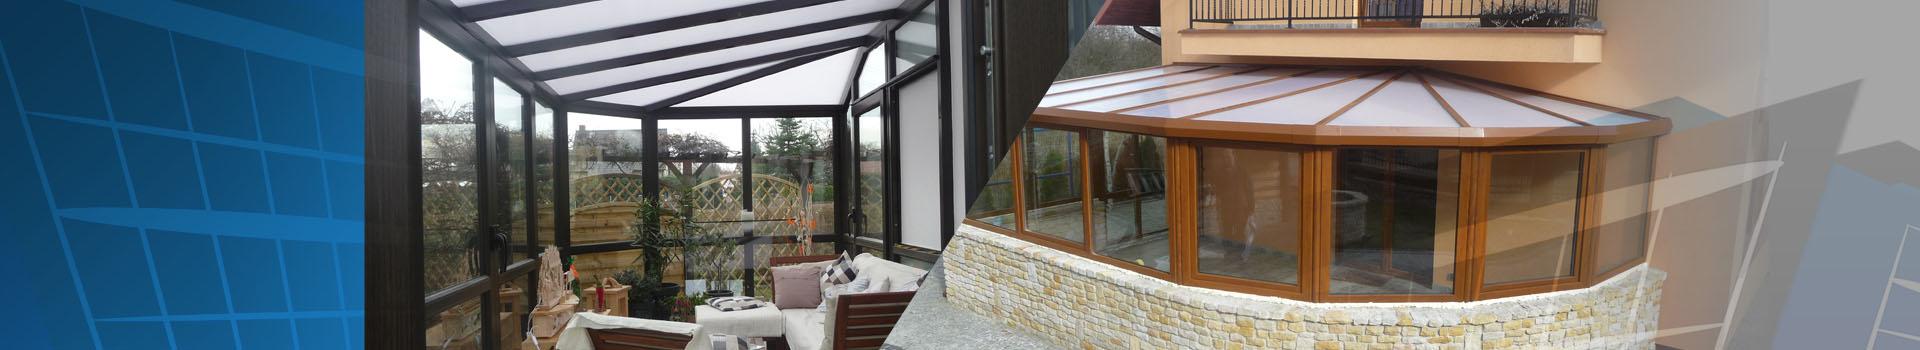 wintergarten mit polycarbonat dach winter gardens. Black Bedroom Furniture Sets. Home Design Ideas